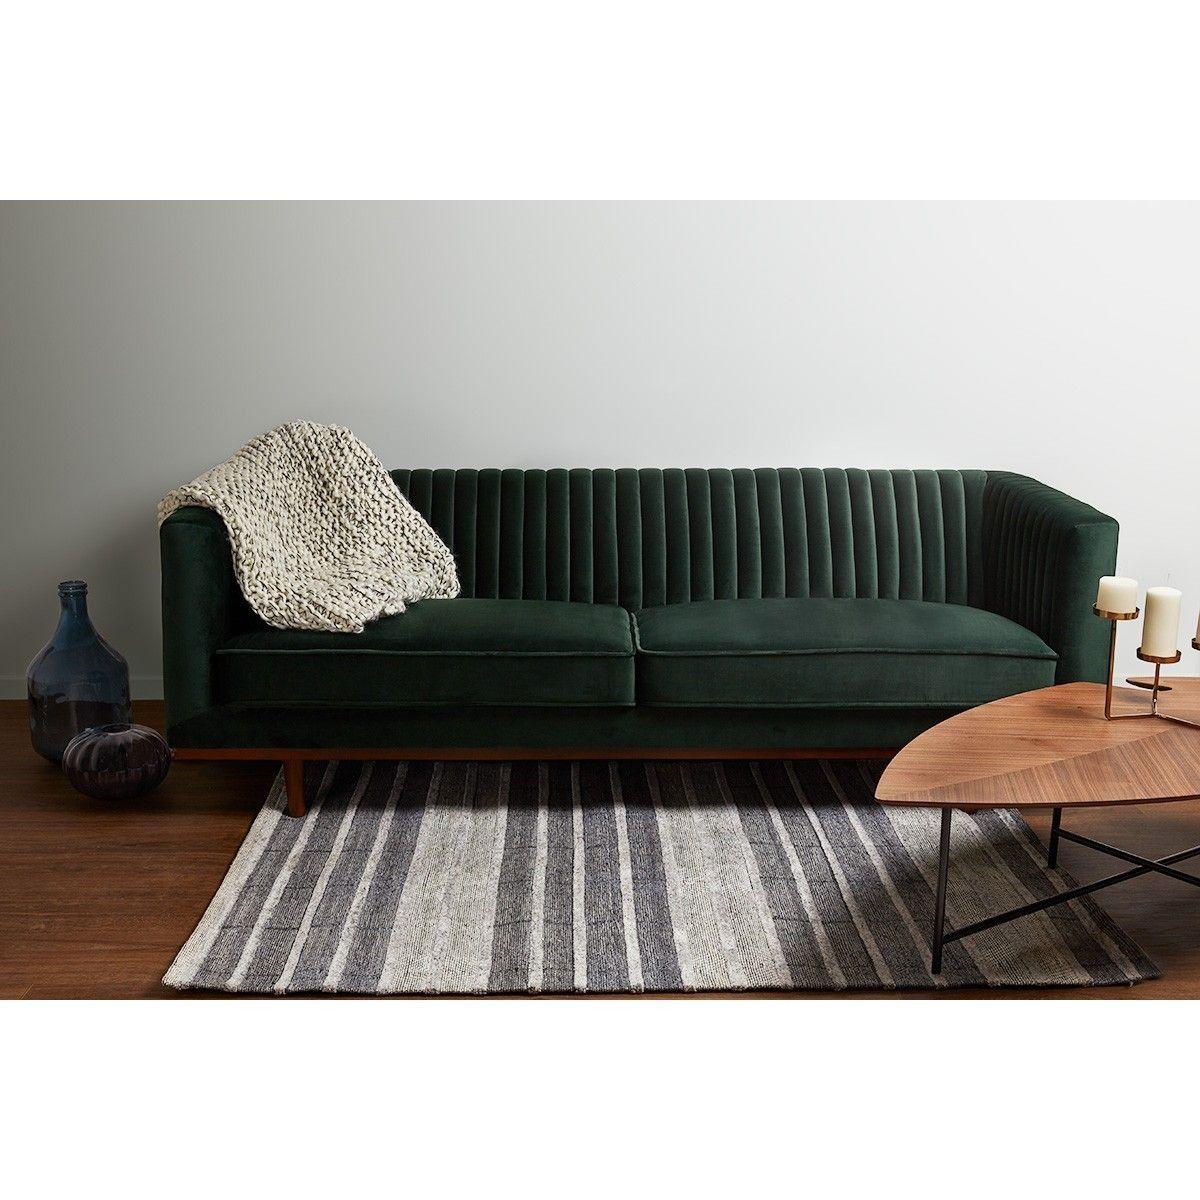 Tapis Laine Et Viscose Gris 170 X 120 Cm Feni Taille 120x170 Cm Mobilier De Salon Interieur Maison Et Canape Velours Vert